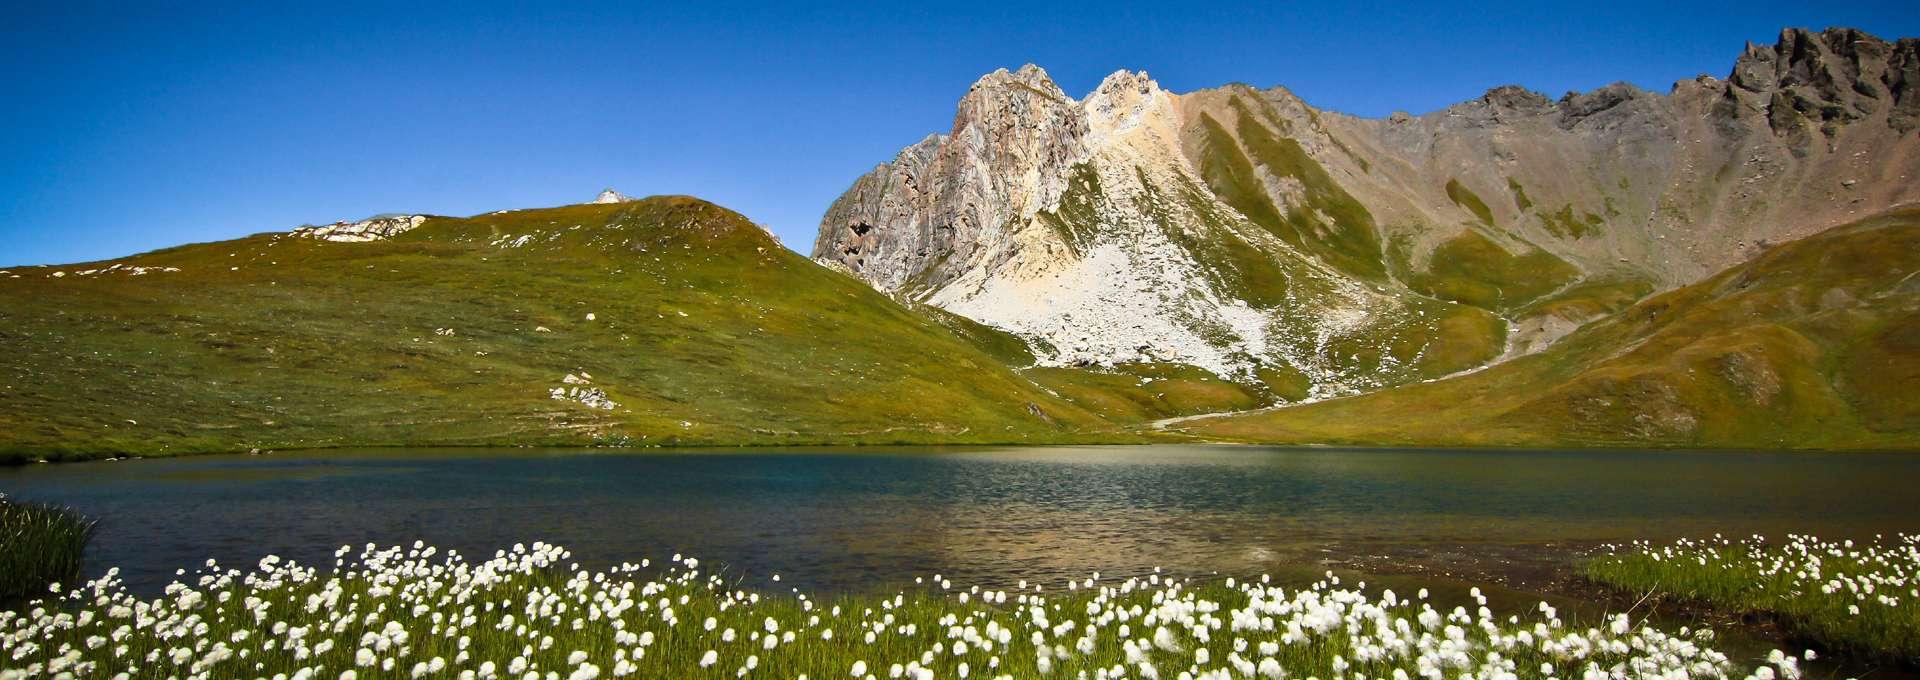 Lac de montagne � linaigrette